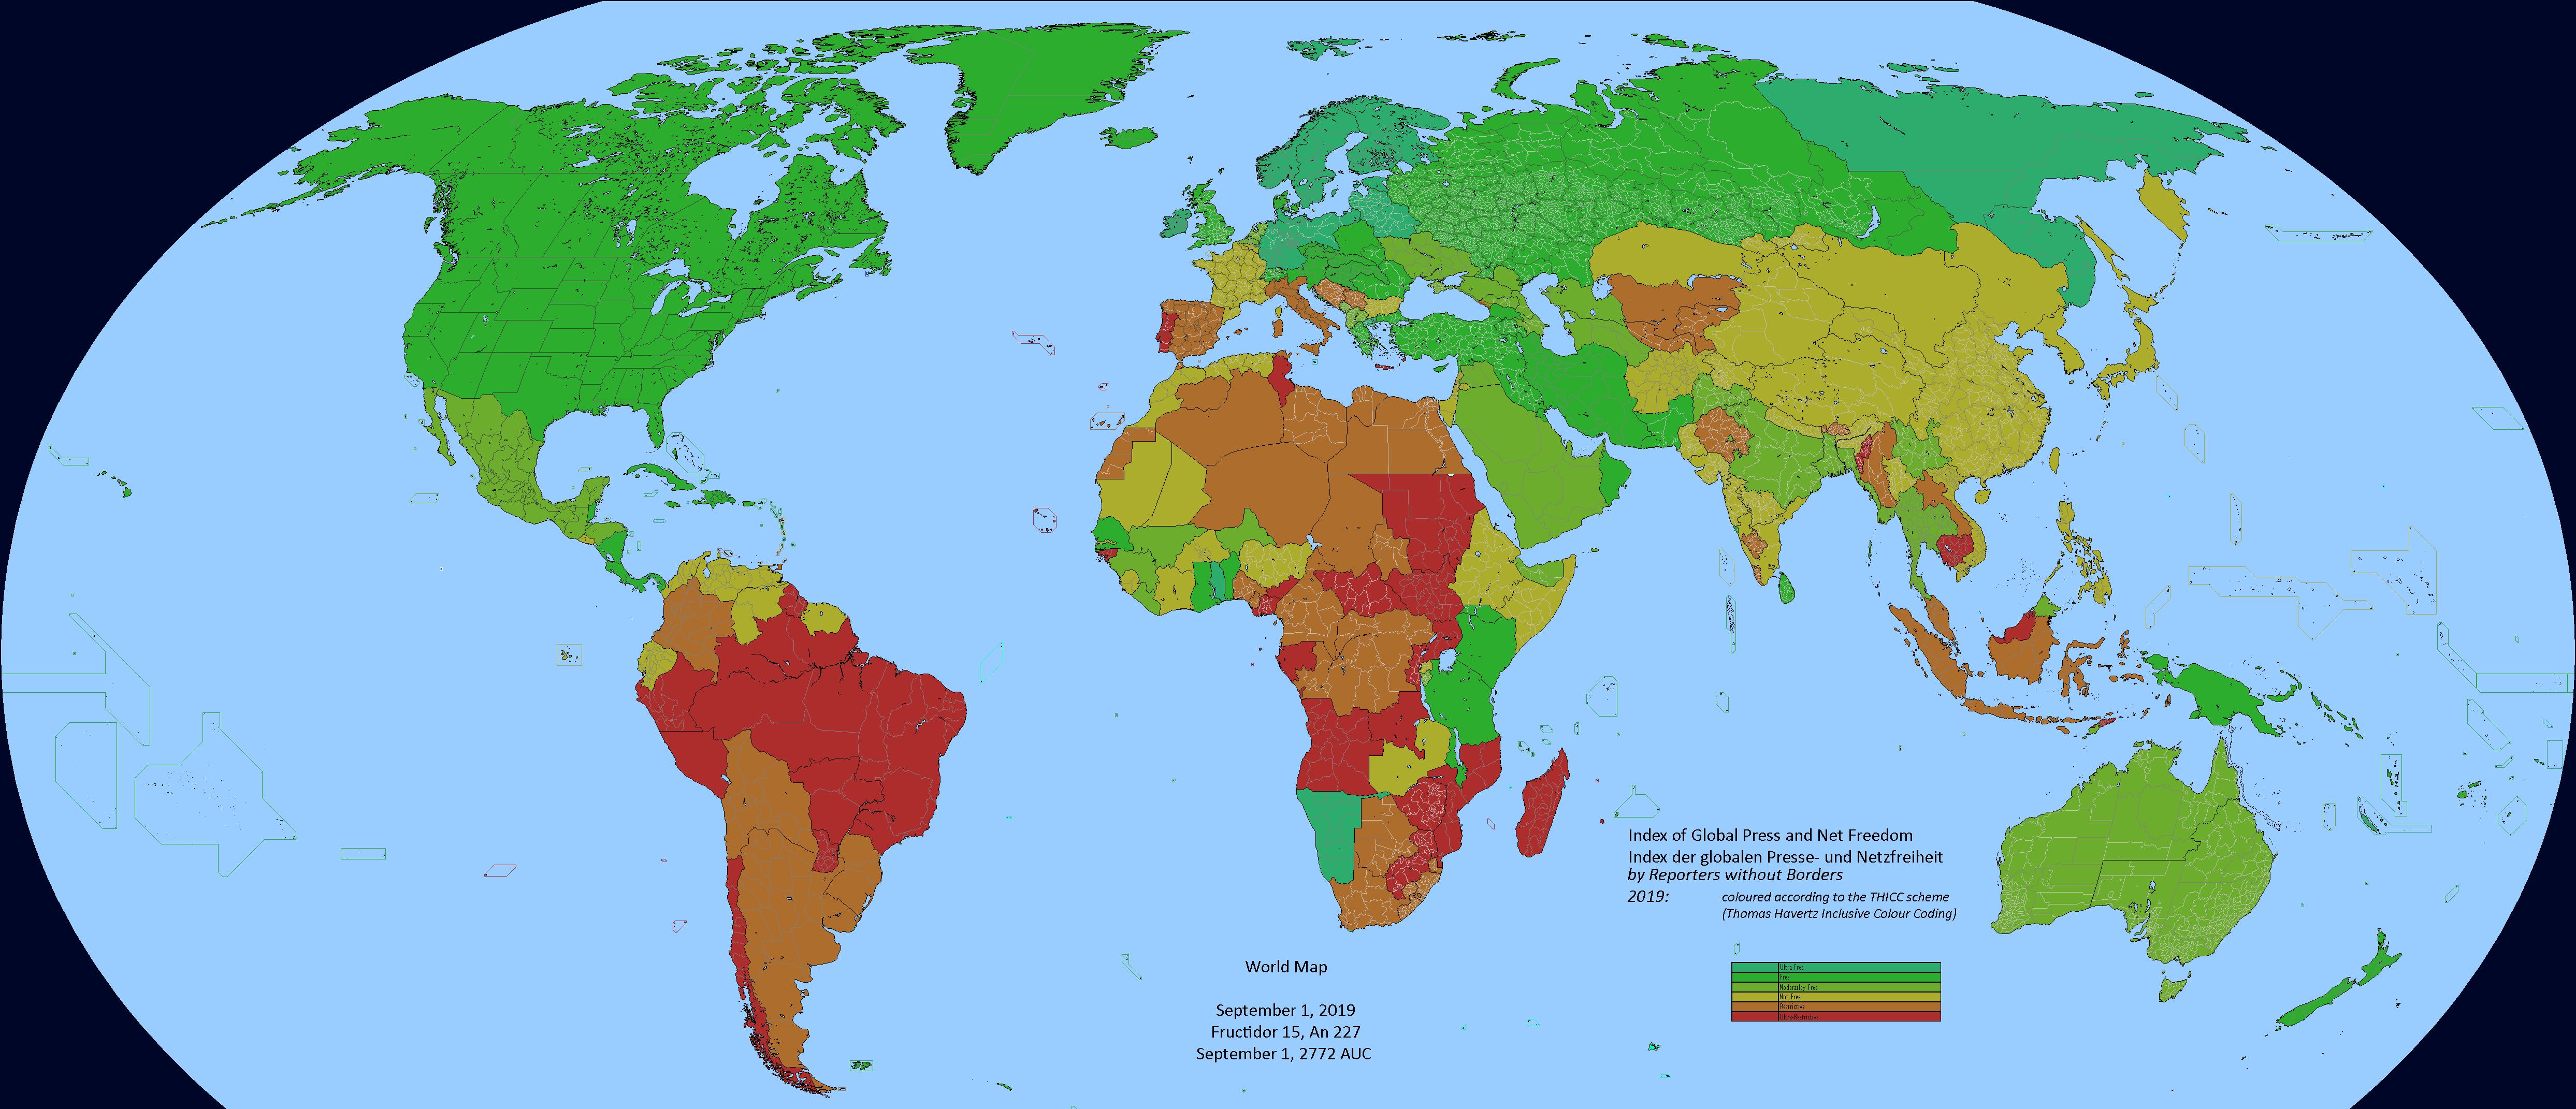 Die Alte Welt hat überlebt - IGPNF.png